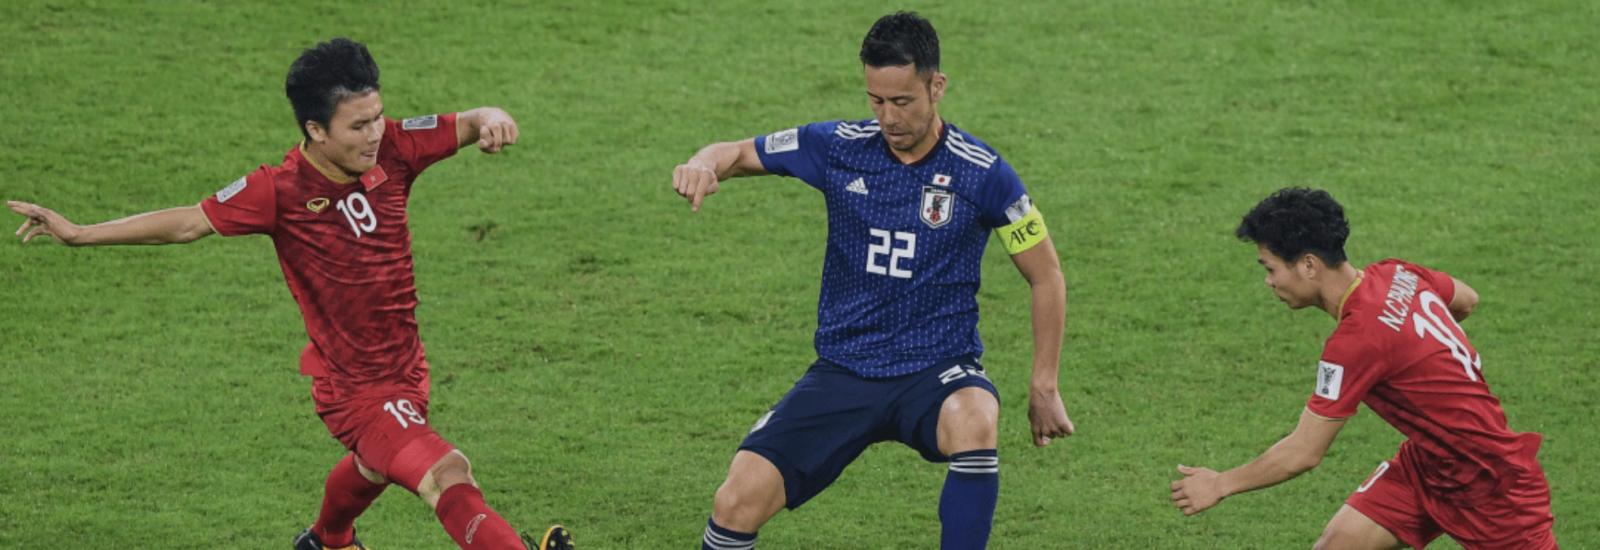 Đội trưởng Yoshida của Nhật Bản trong trận tứ kết Asian Cup 2019 với Việt Nam. Ảnh: FIFA